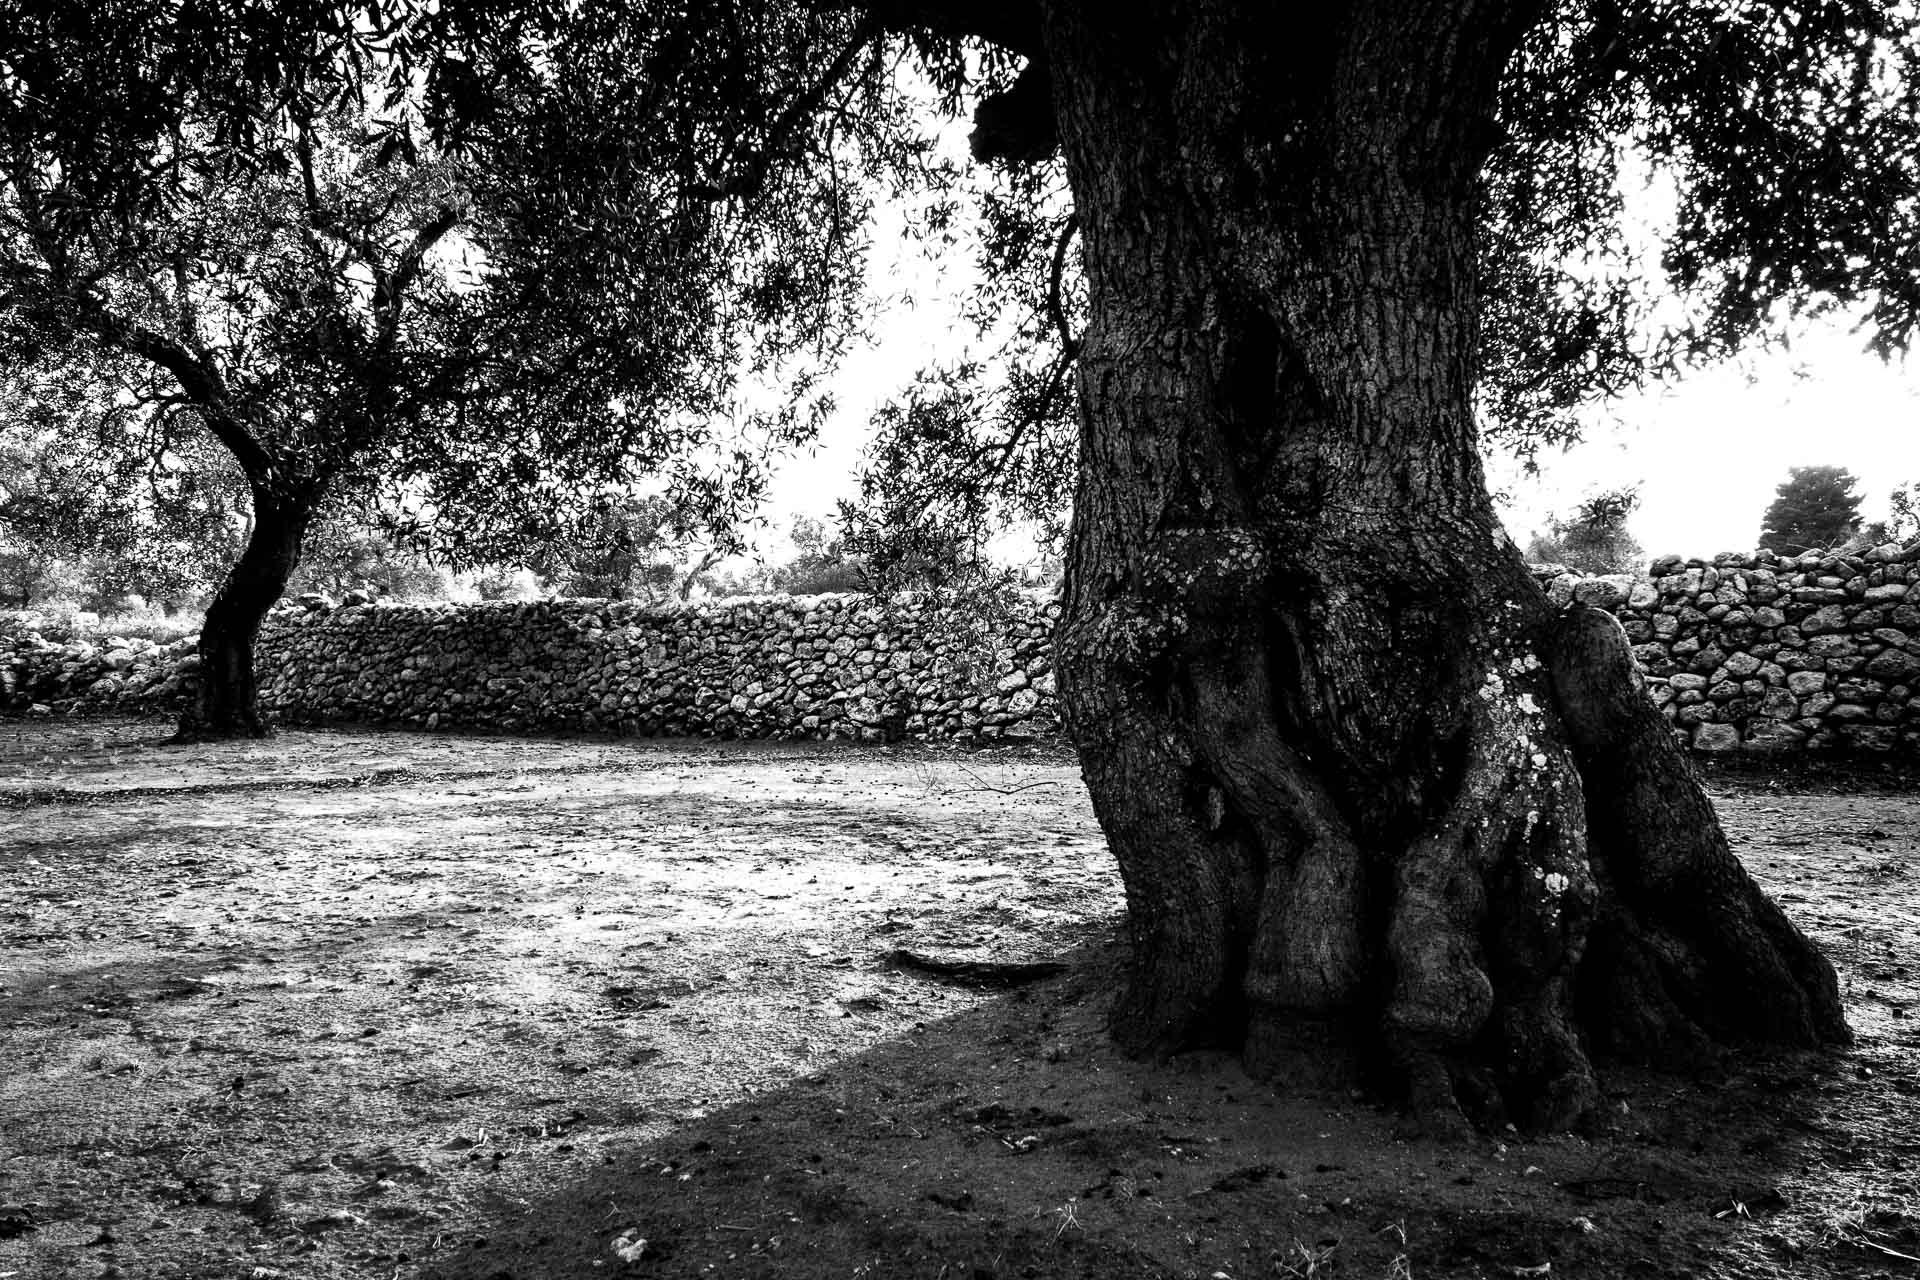 Ulivi del Salento: due esemplari di alberi di ulivo secolari con un muretto a secco a delimitare la campagna